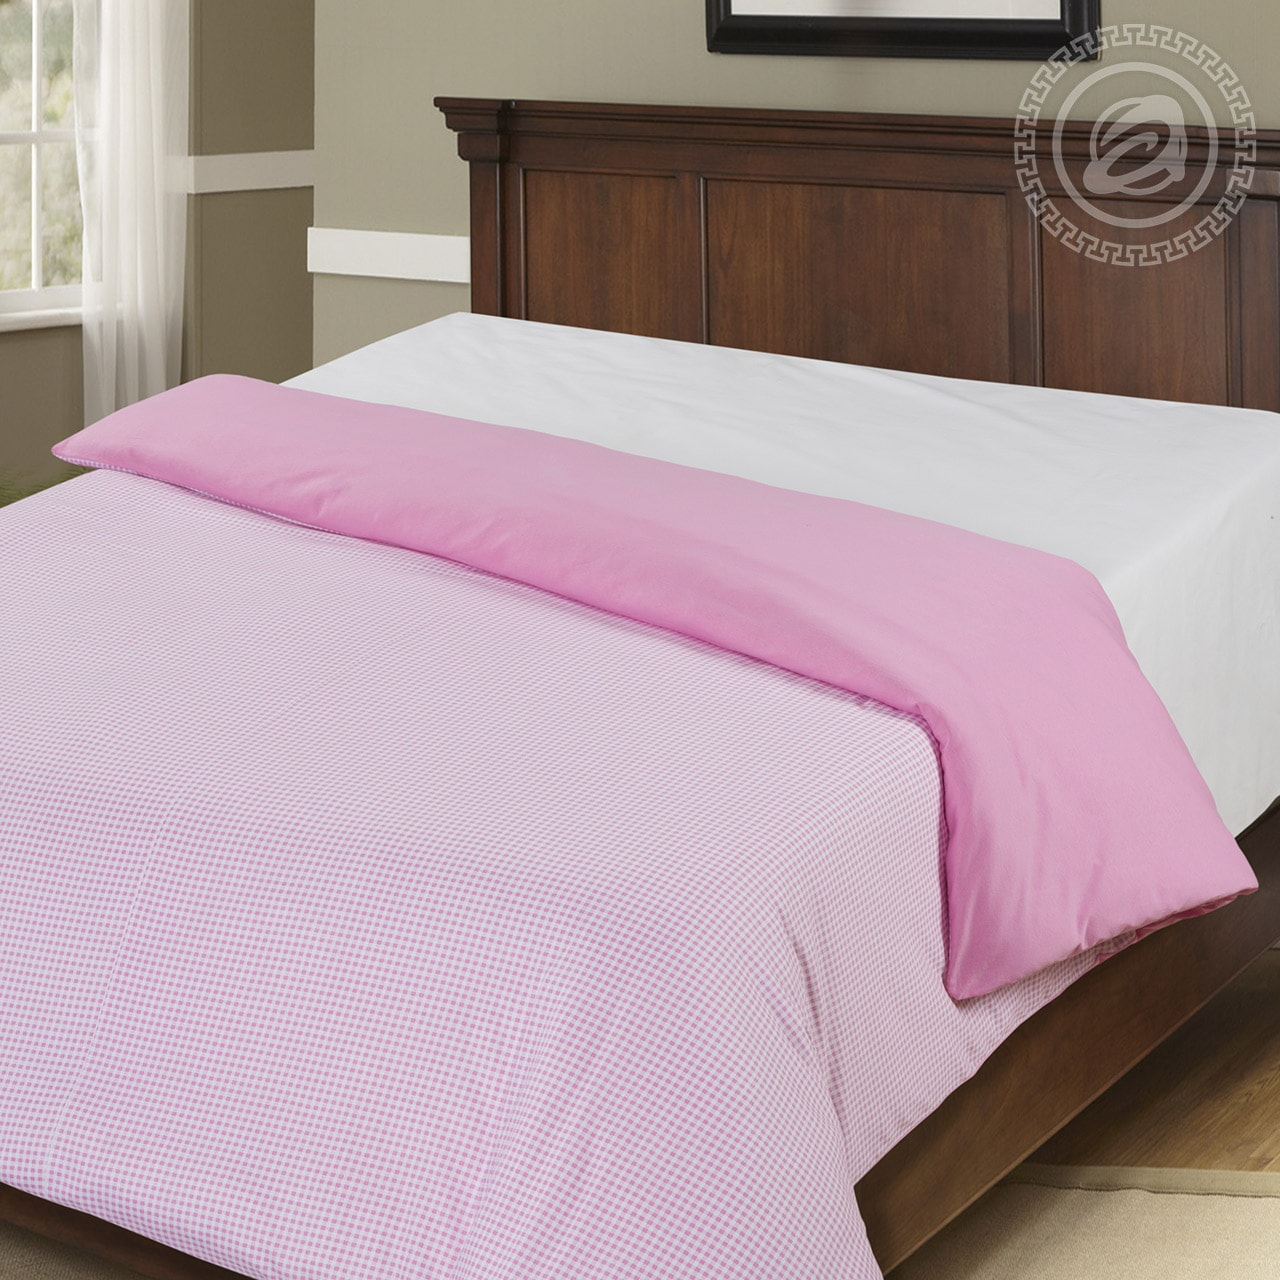 цена на Пододеяльник трикотажный на молнии iv36552 розовый (1.5 спальный (145х215))